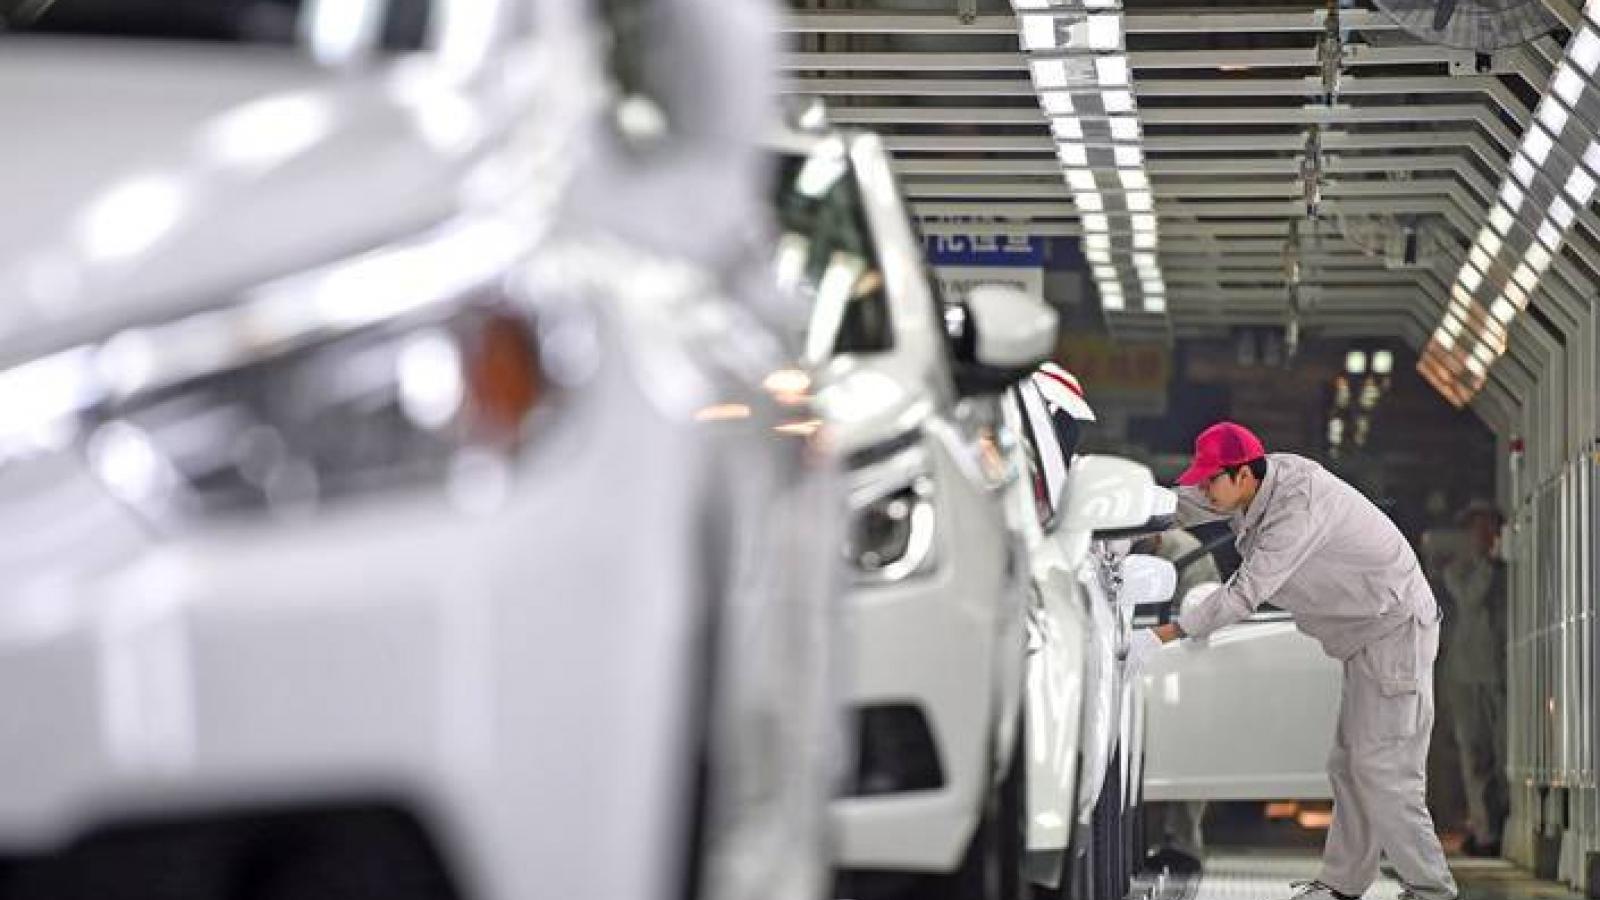 Showroom xe hơi Trung Quốc trống trơn do khan hiếm chip